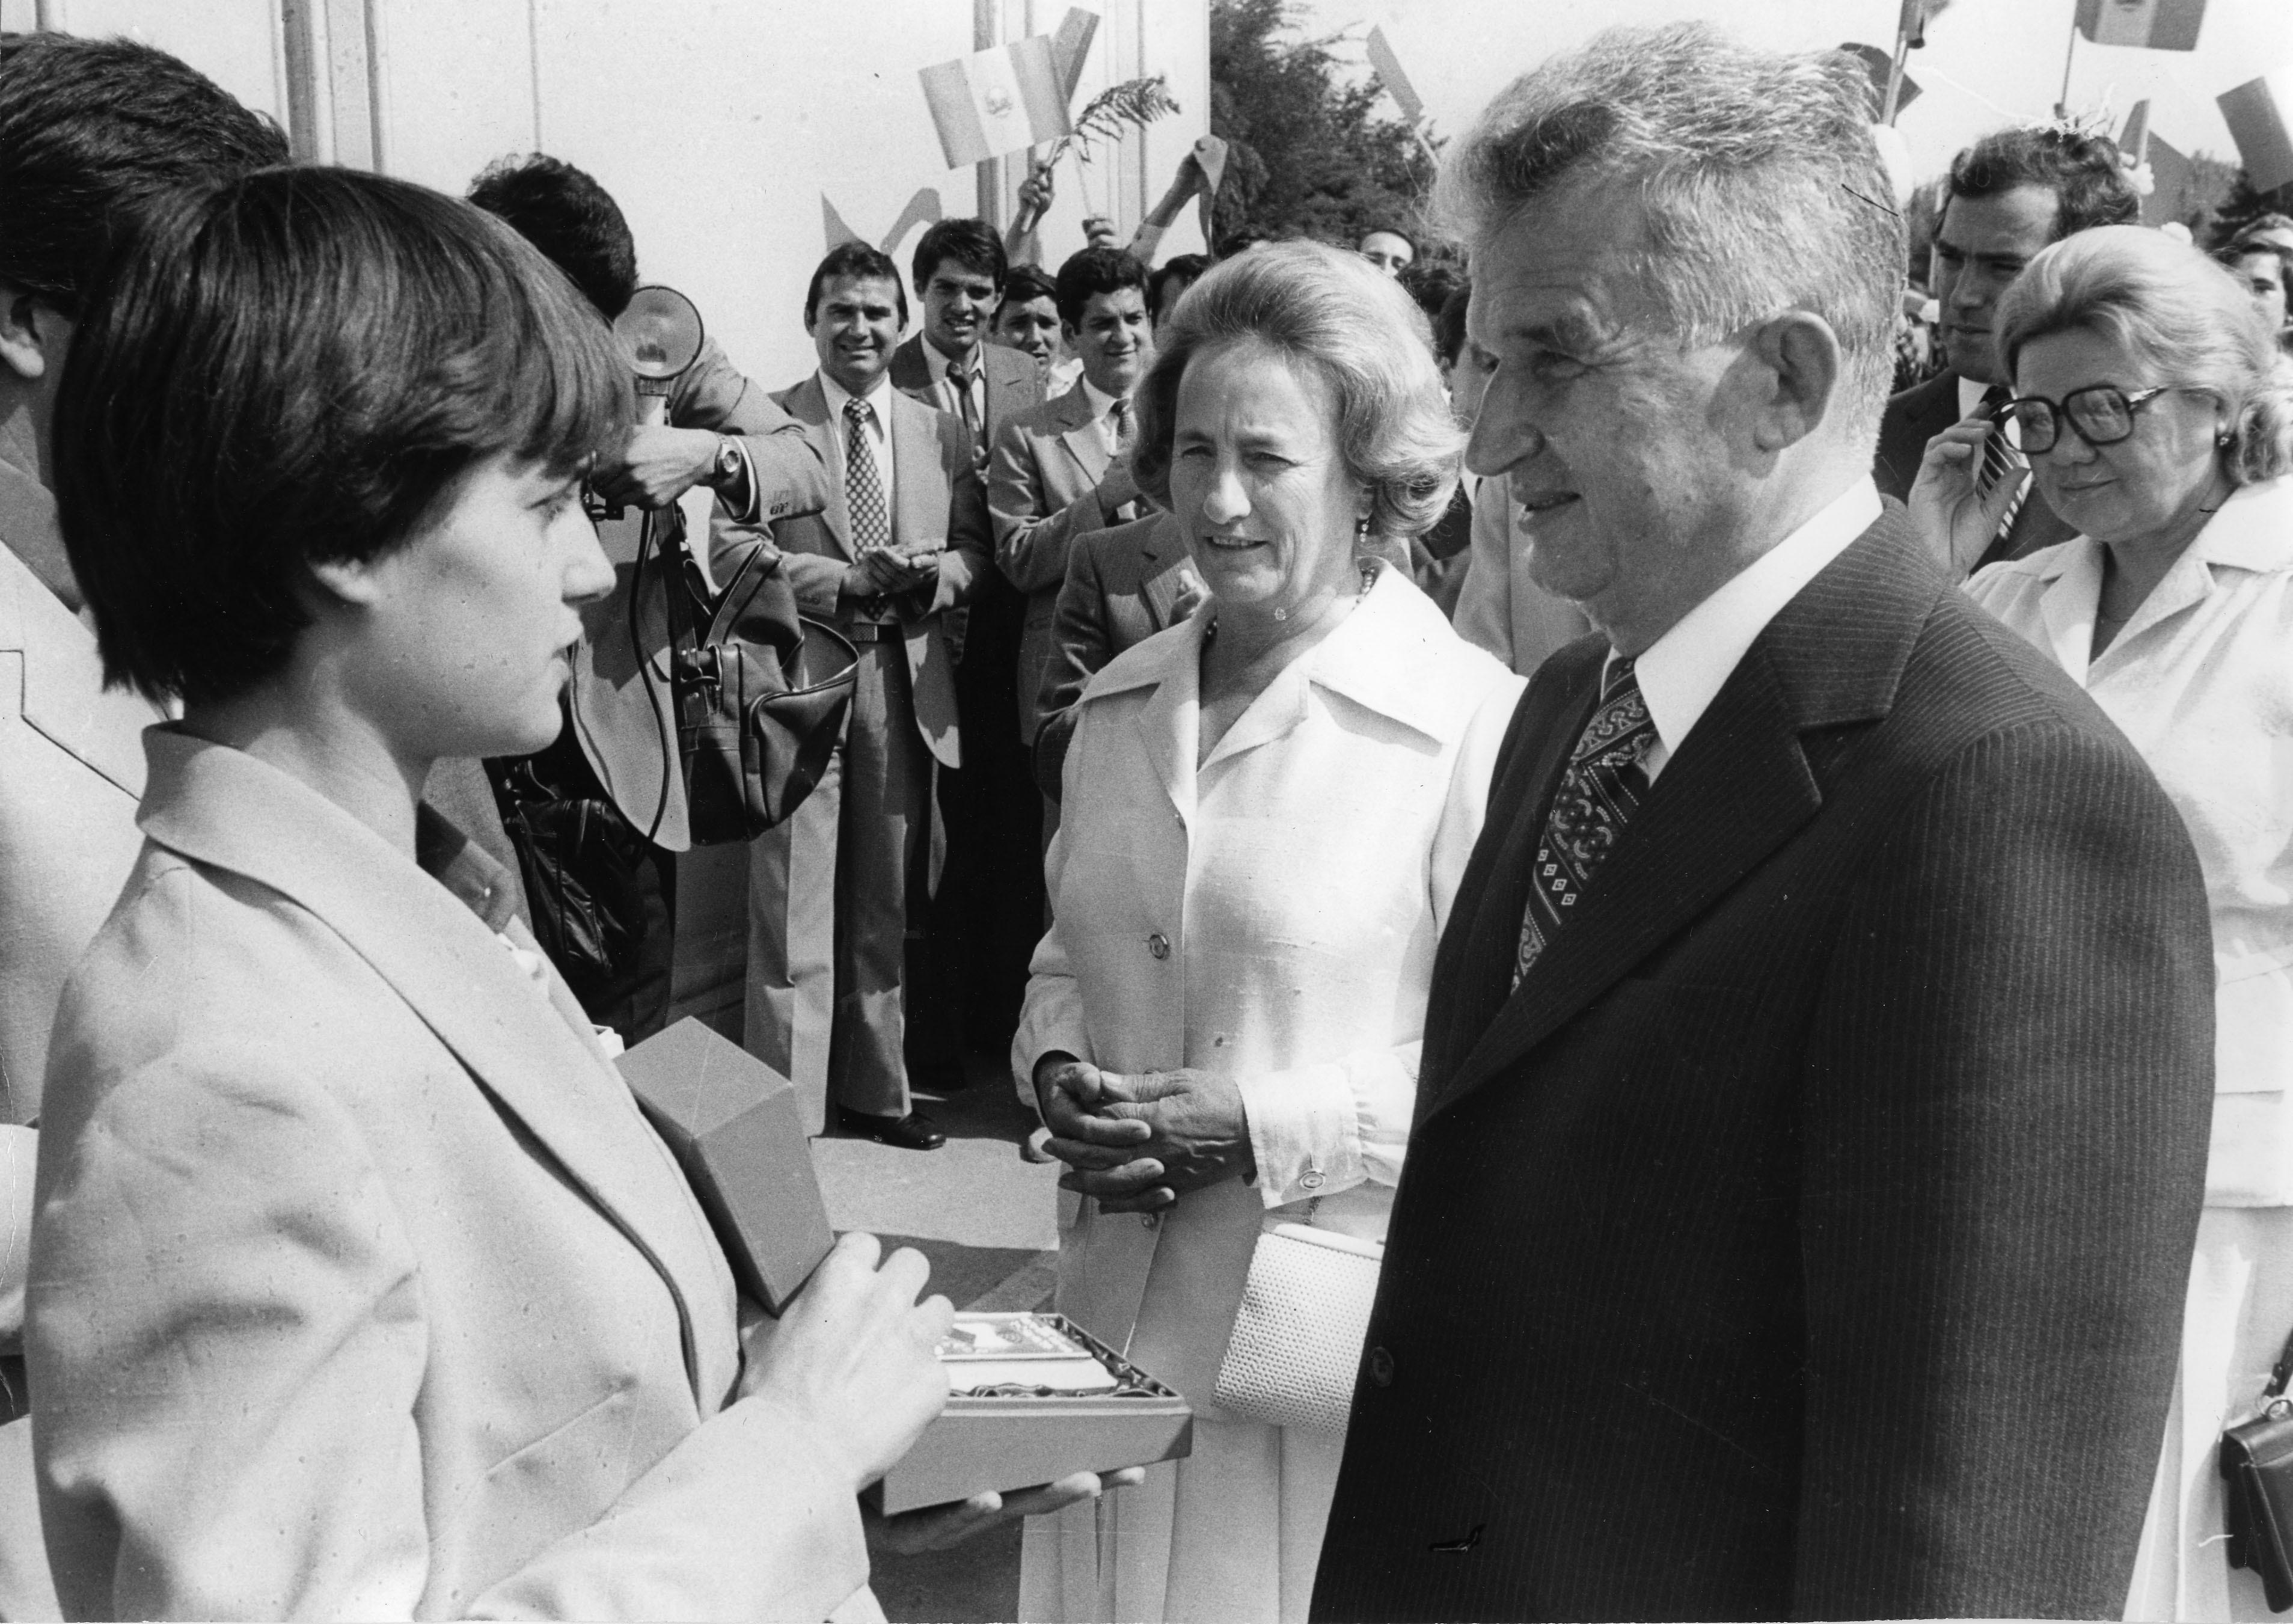 Cuplul de dictatori Elena și Nicolae Ceaușescu. Sursa foto:hepta.ro